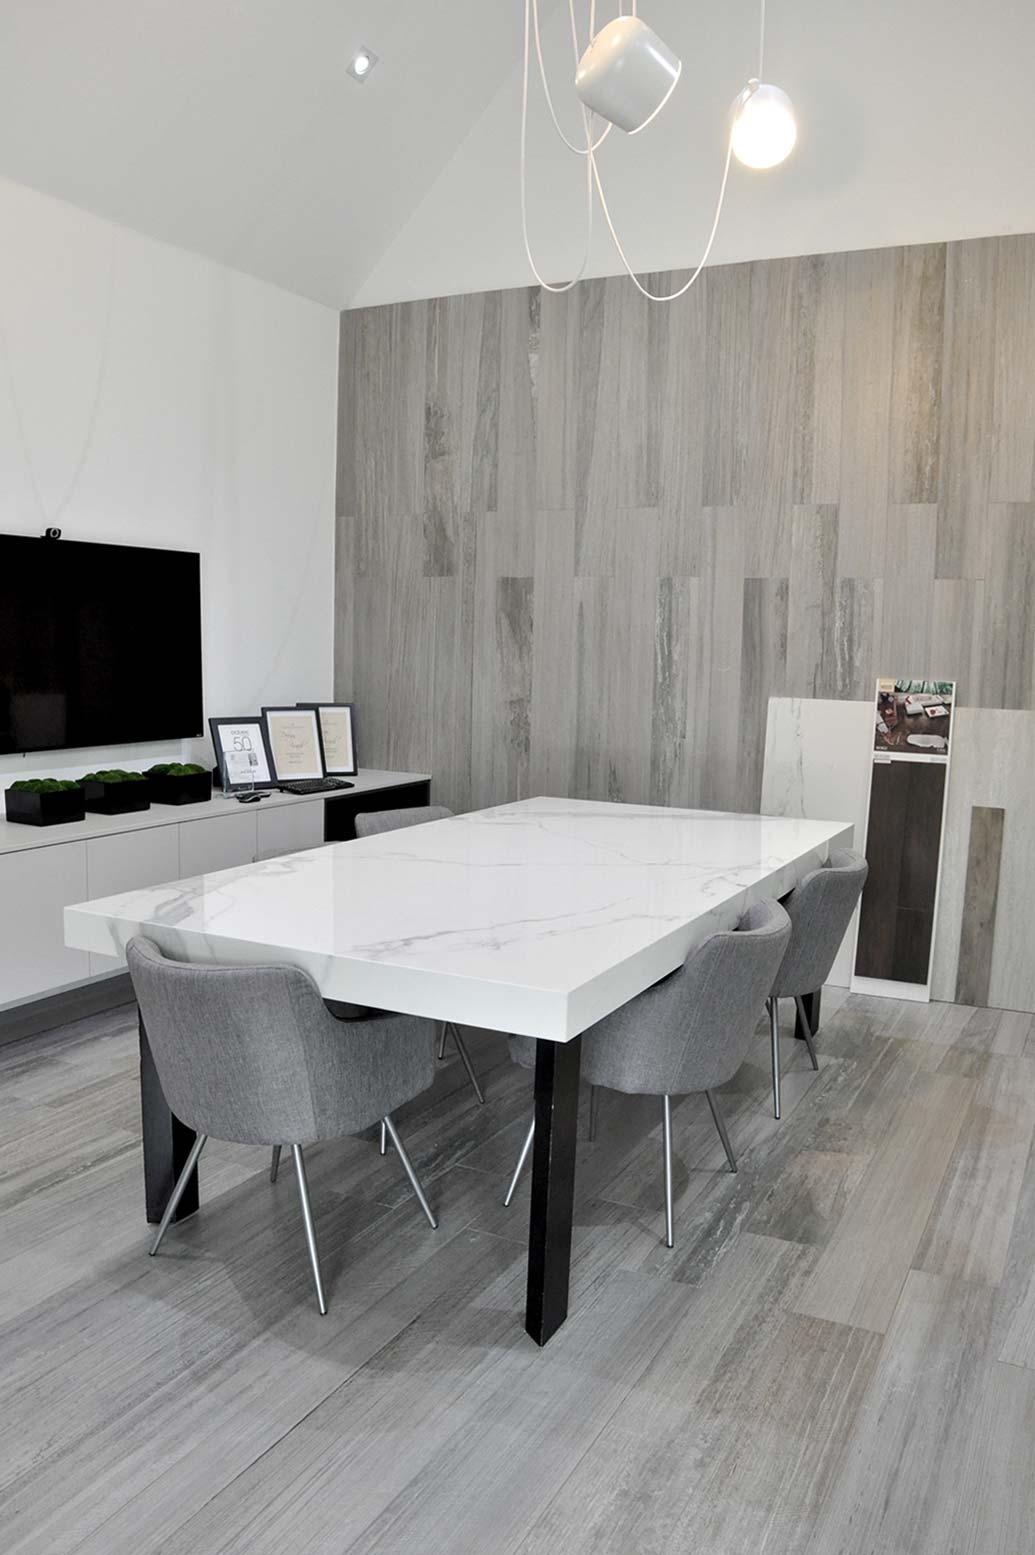 Best interior designers - DKOR Interiors